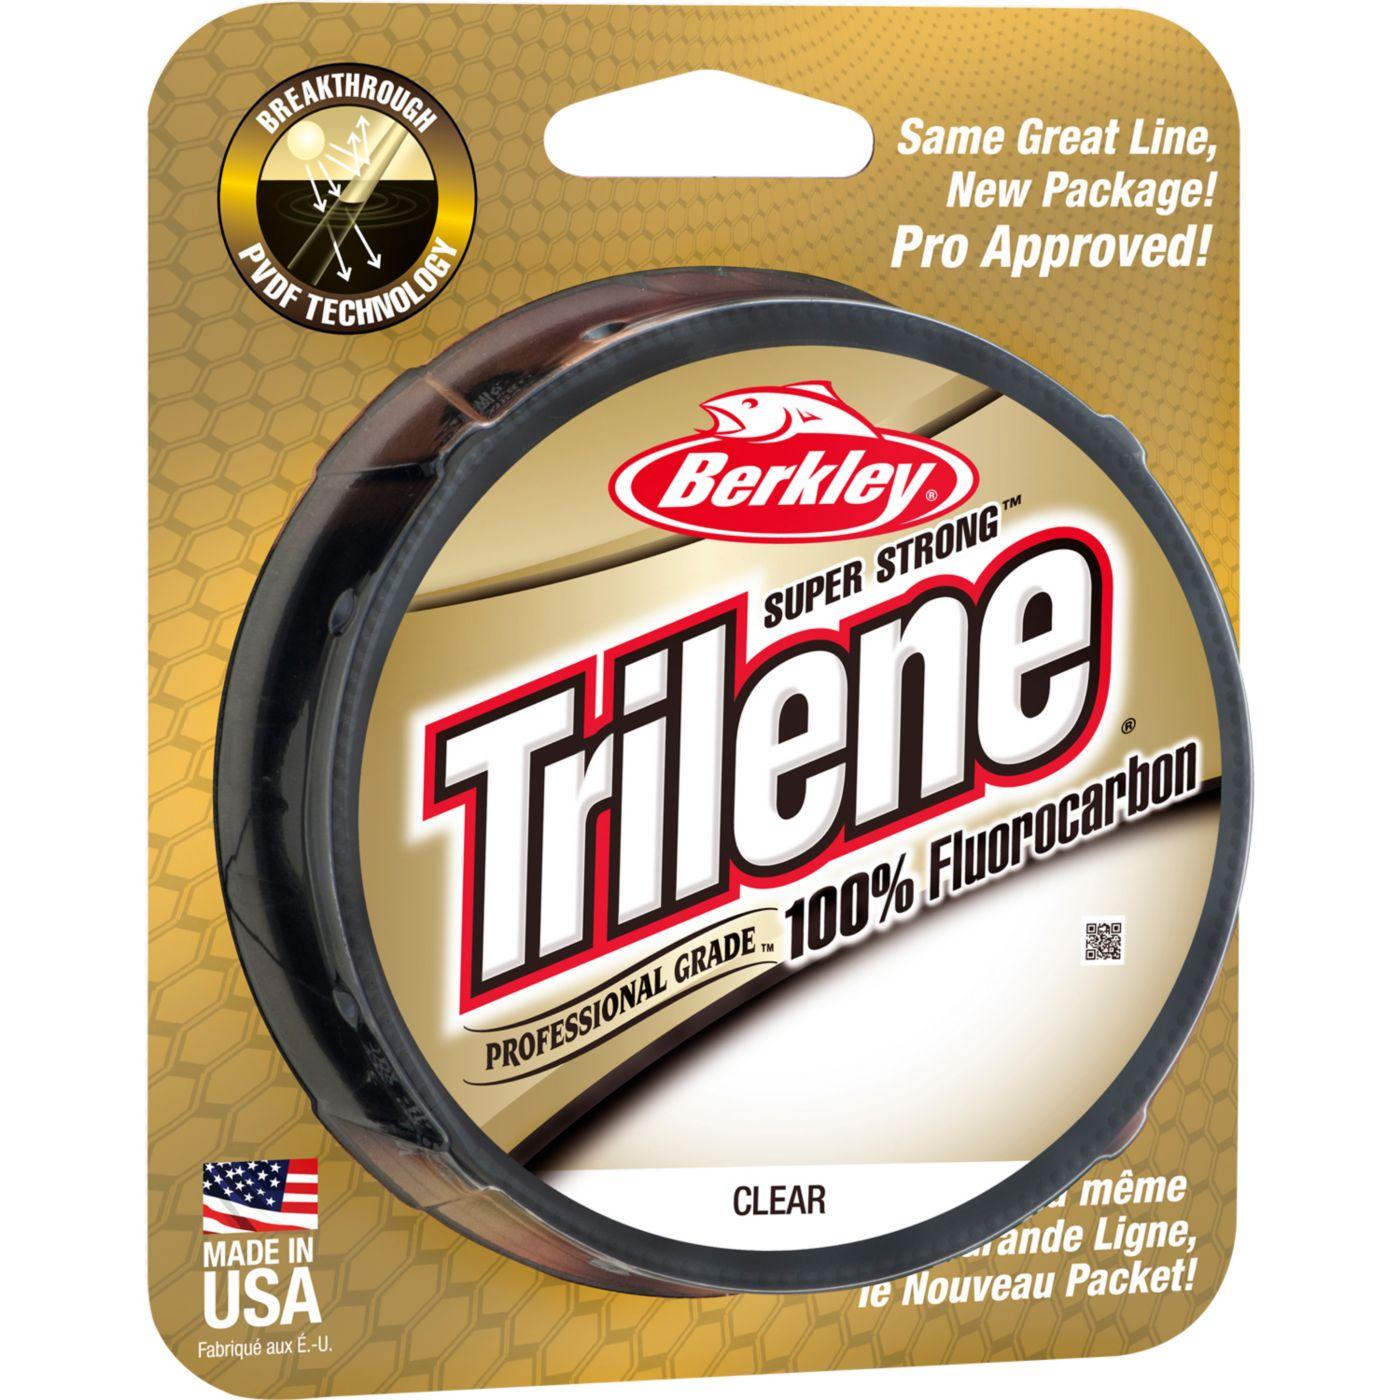 Berkley Trilene 100% Fluoro Professional Grade Clear Fishing Line